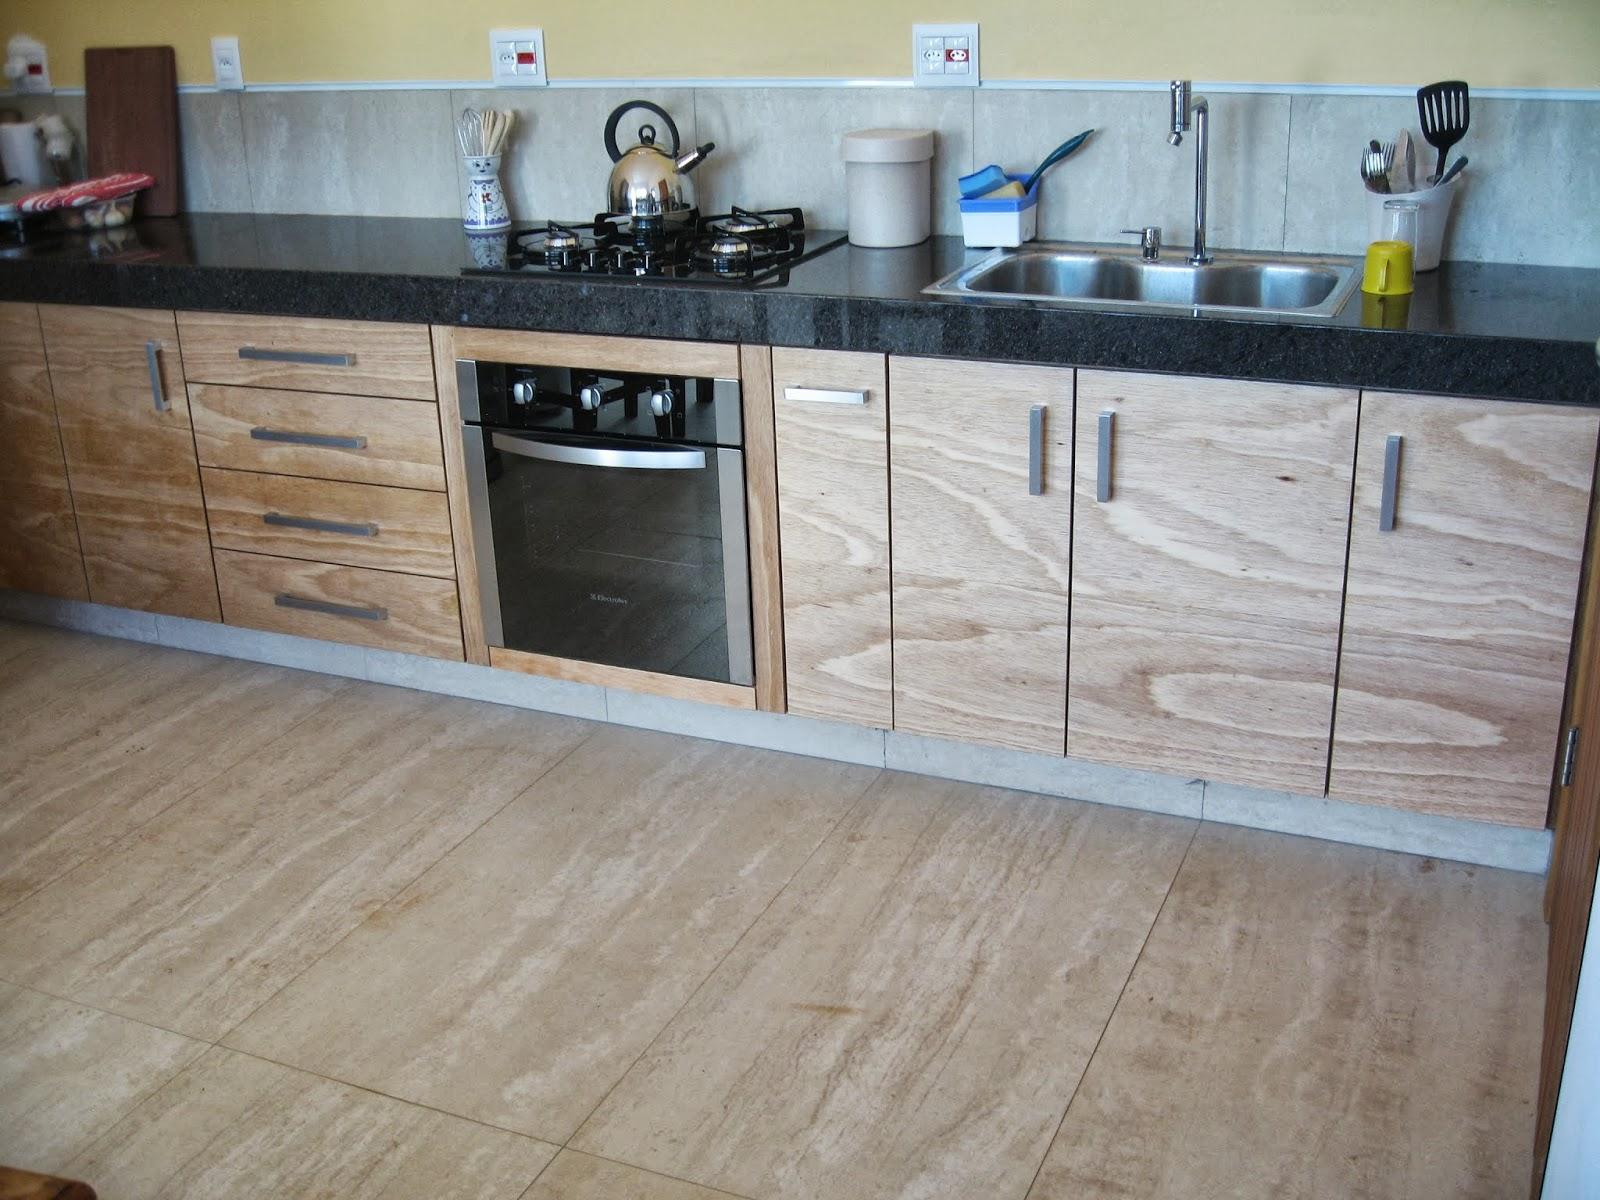 Verde Verniz: Cozinha em compensado naval envernizado com verniz PU #614938 1600x1200